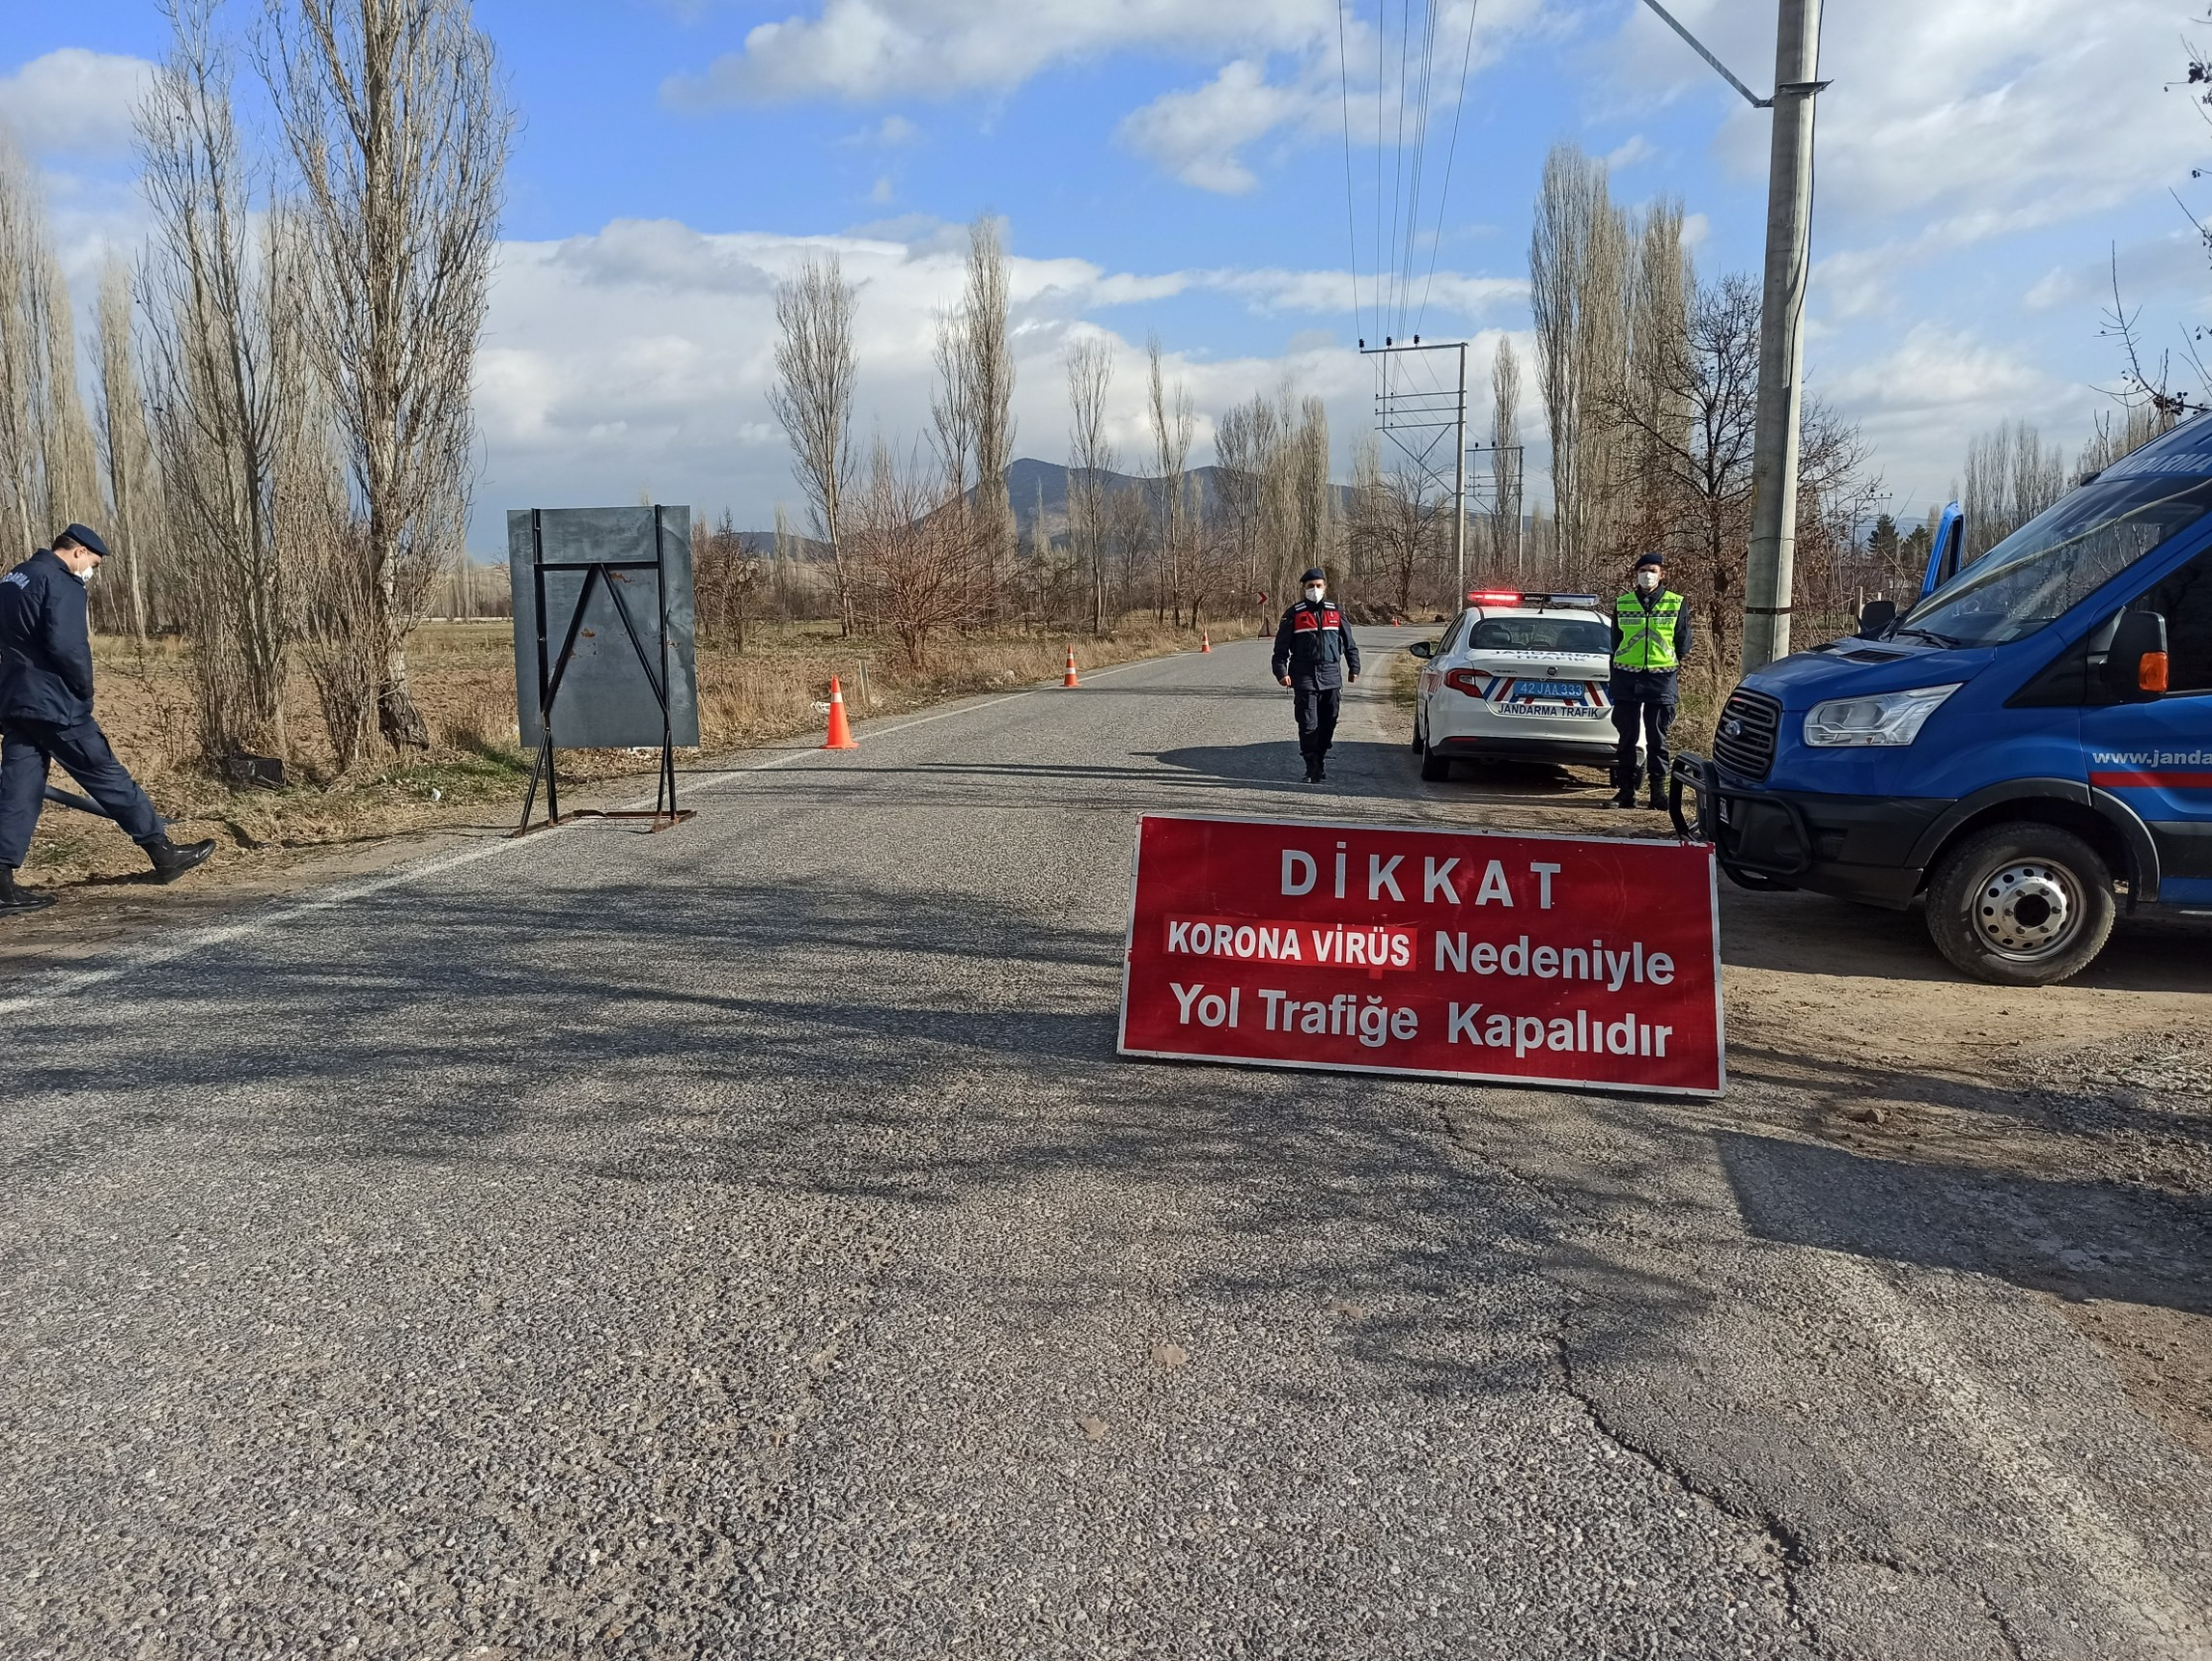 Konya'da bir mahalleye mutasyonlu korona virüs karantinası